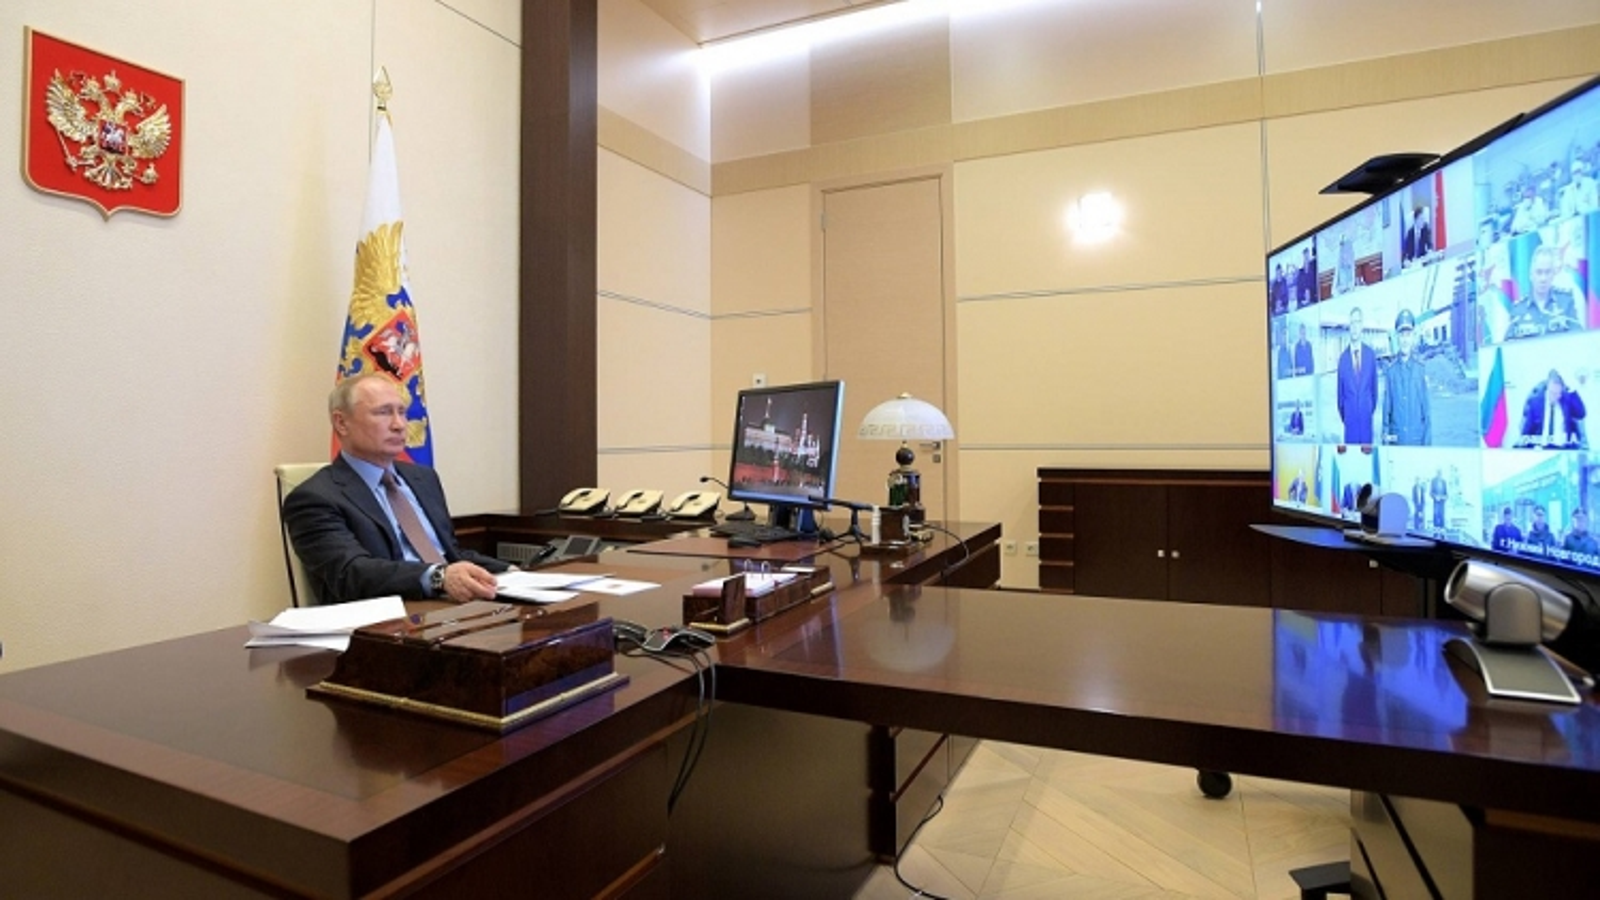 Tổng thống Nga V.Putin: dịch Covid-19 lây lan từ Moscow đến các vùng